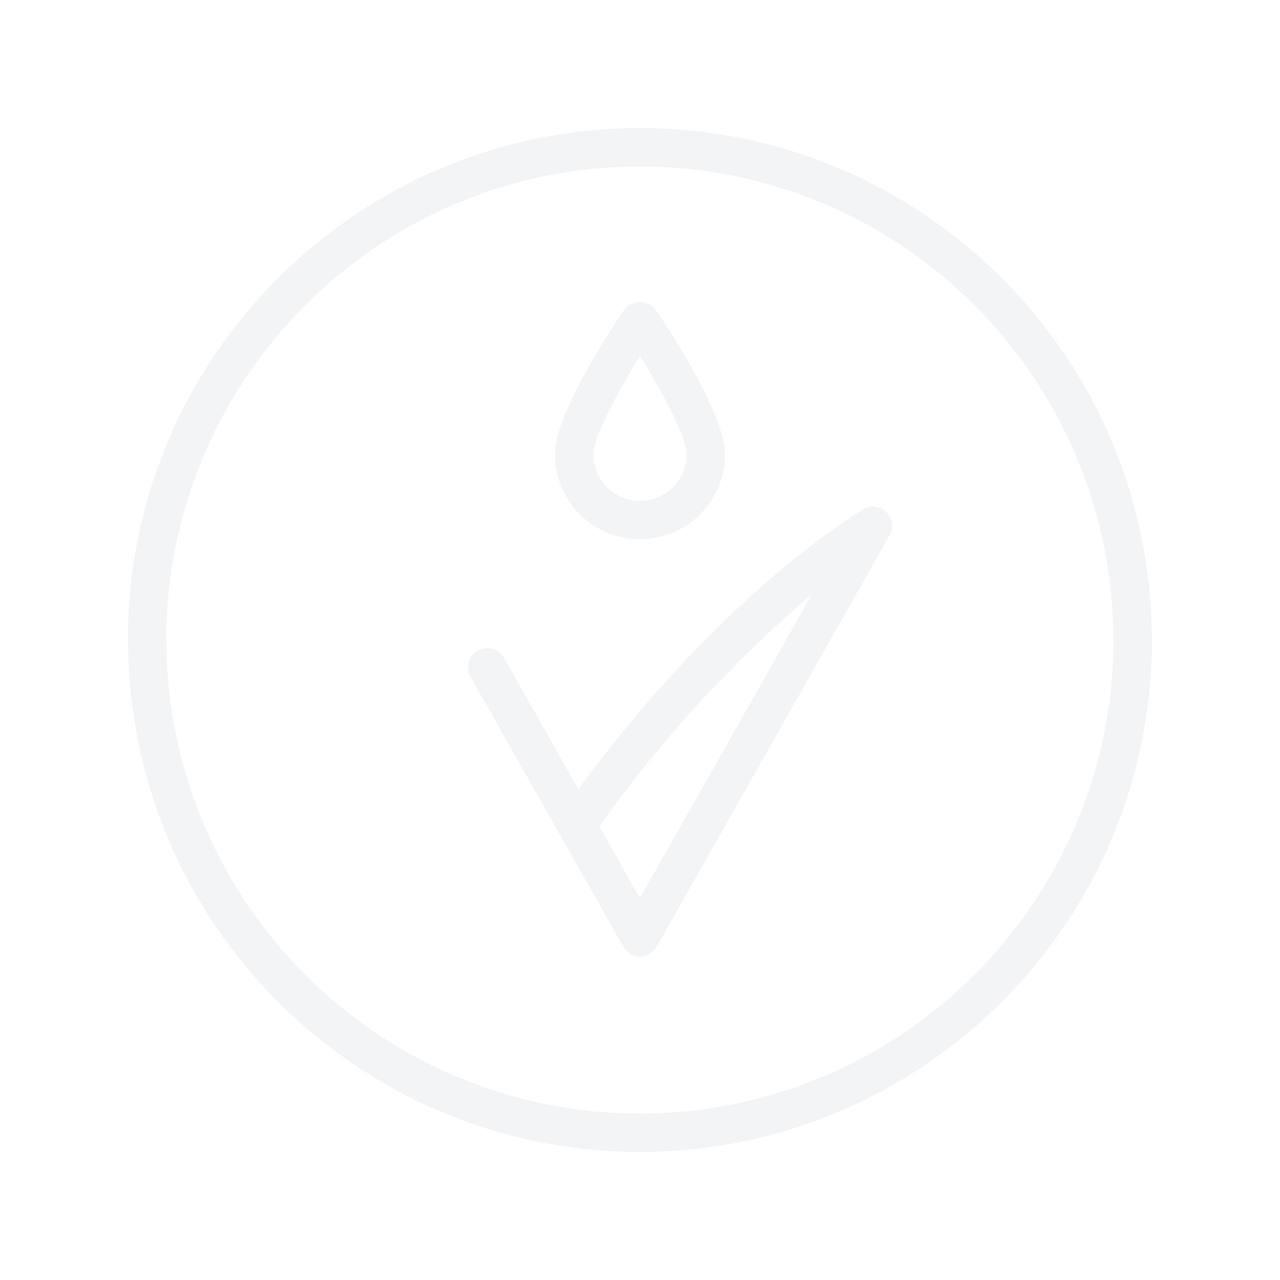 BIODERMA Atoderm Gentle Shower Gel 500ml